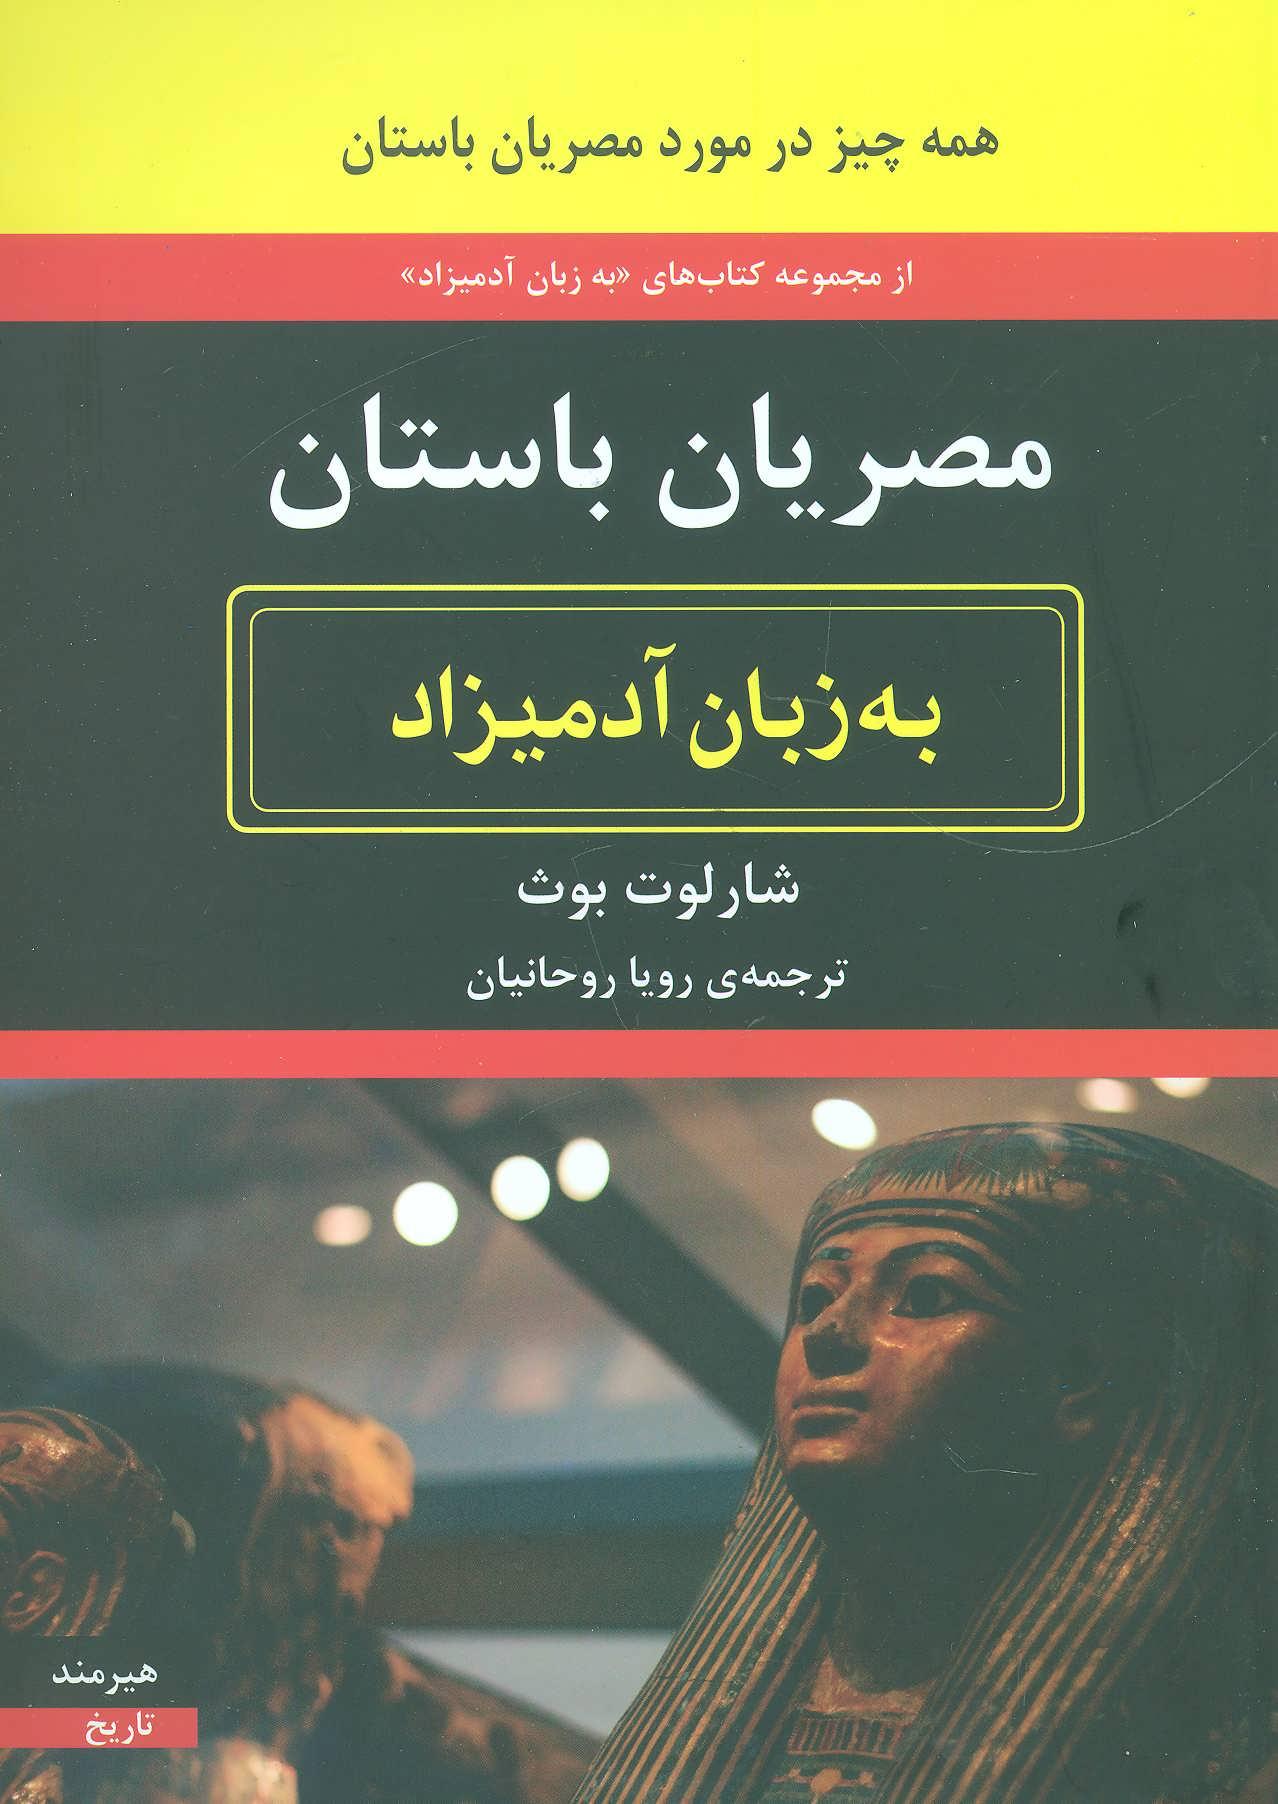 مصريان باستان به زبان آدميزاد